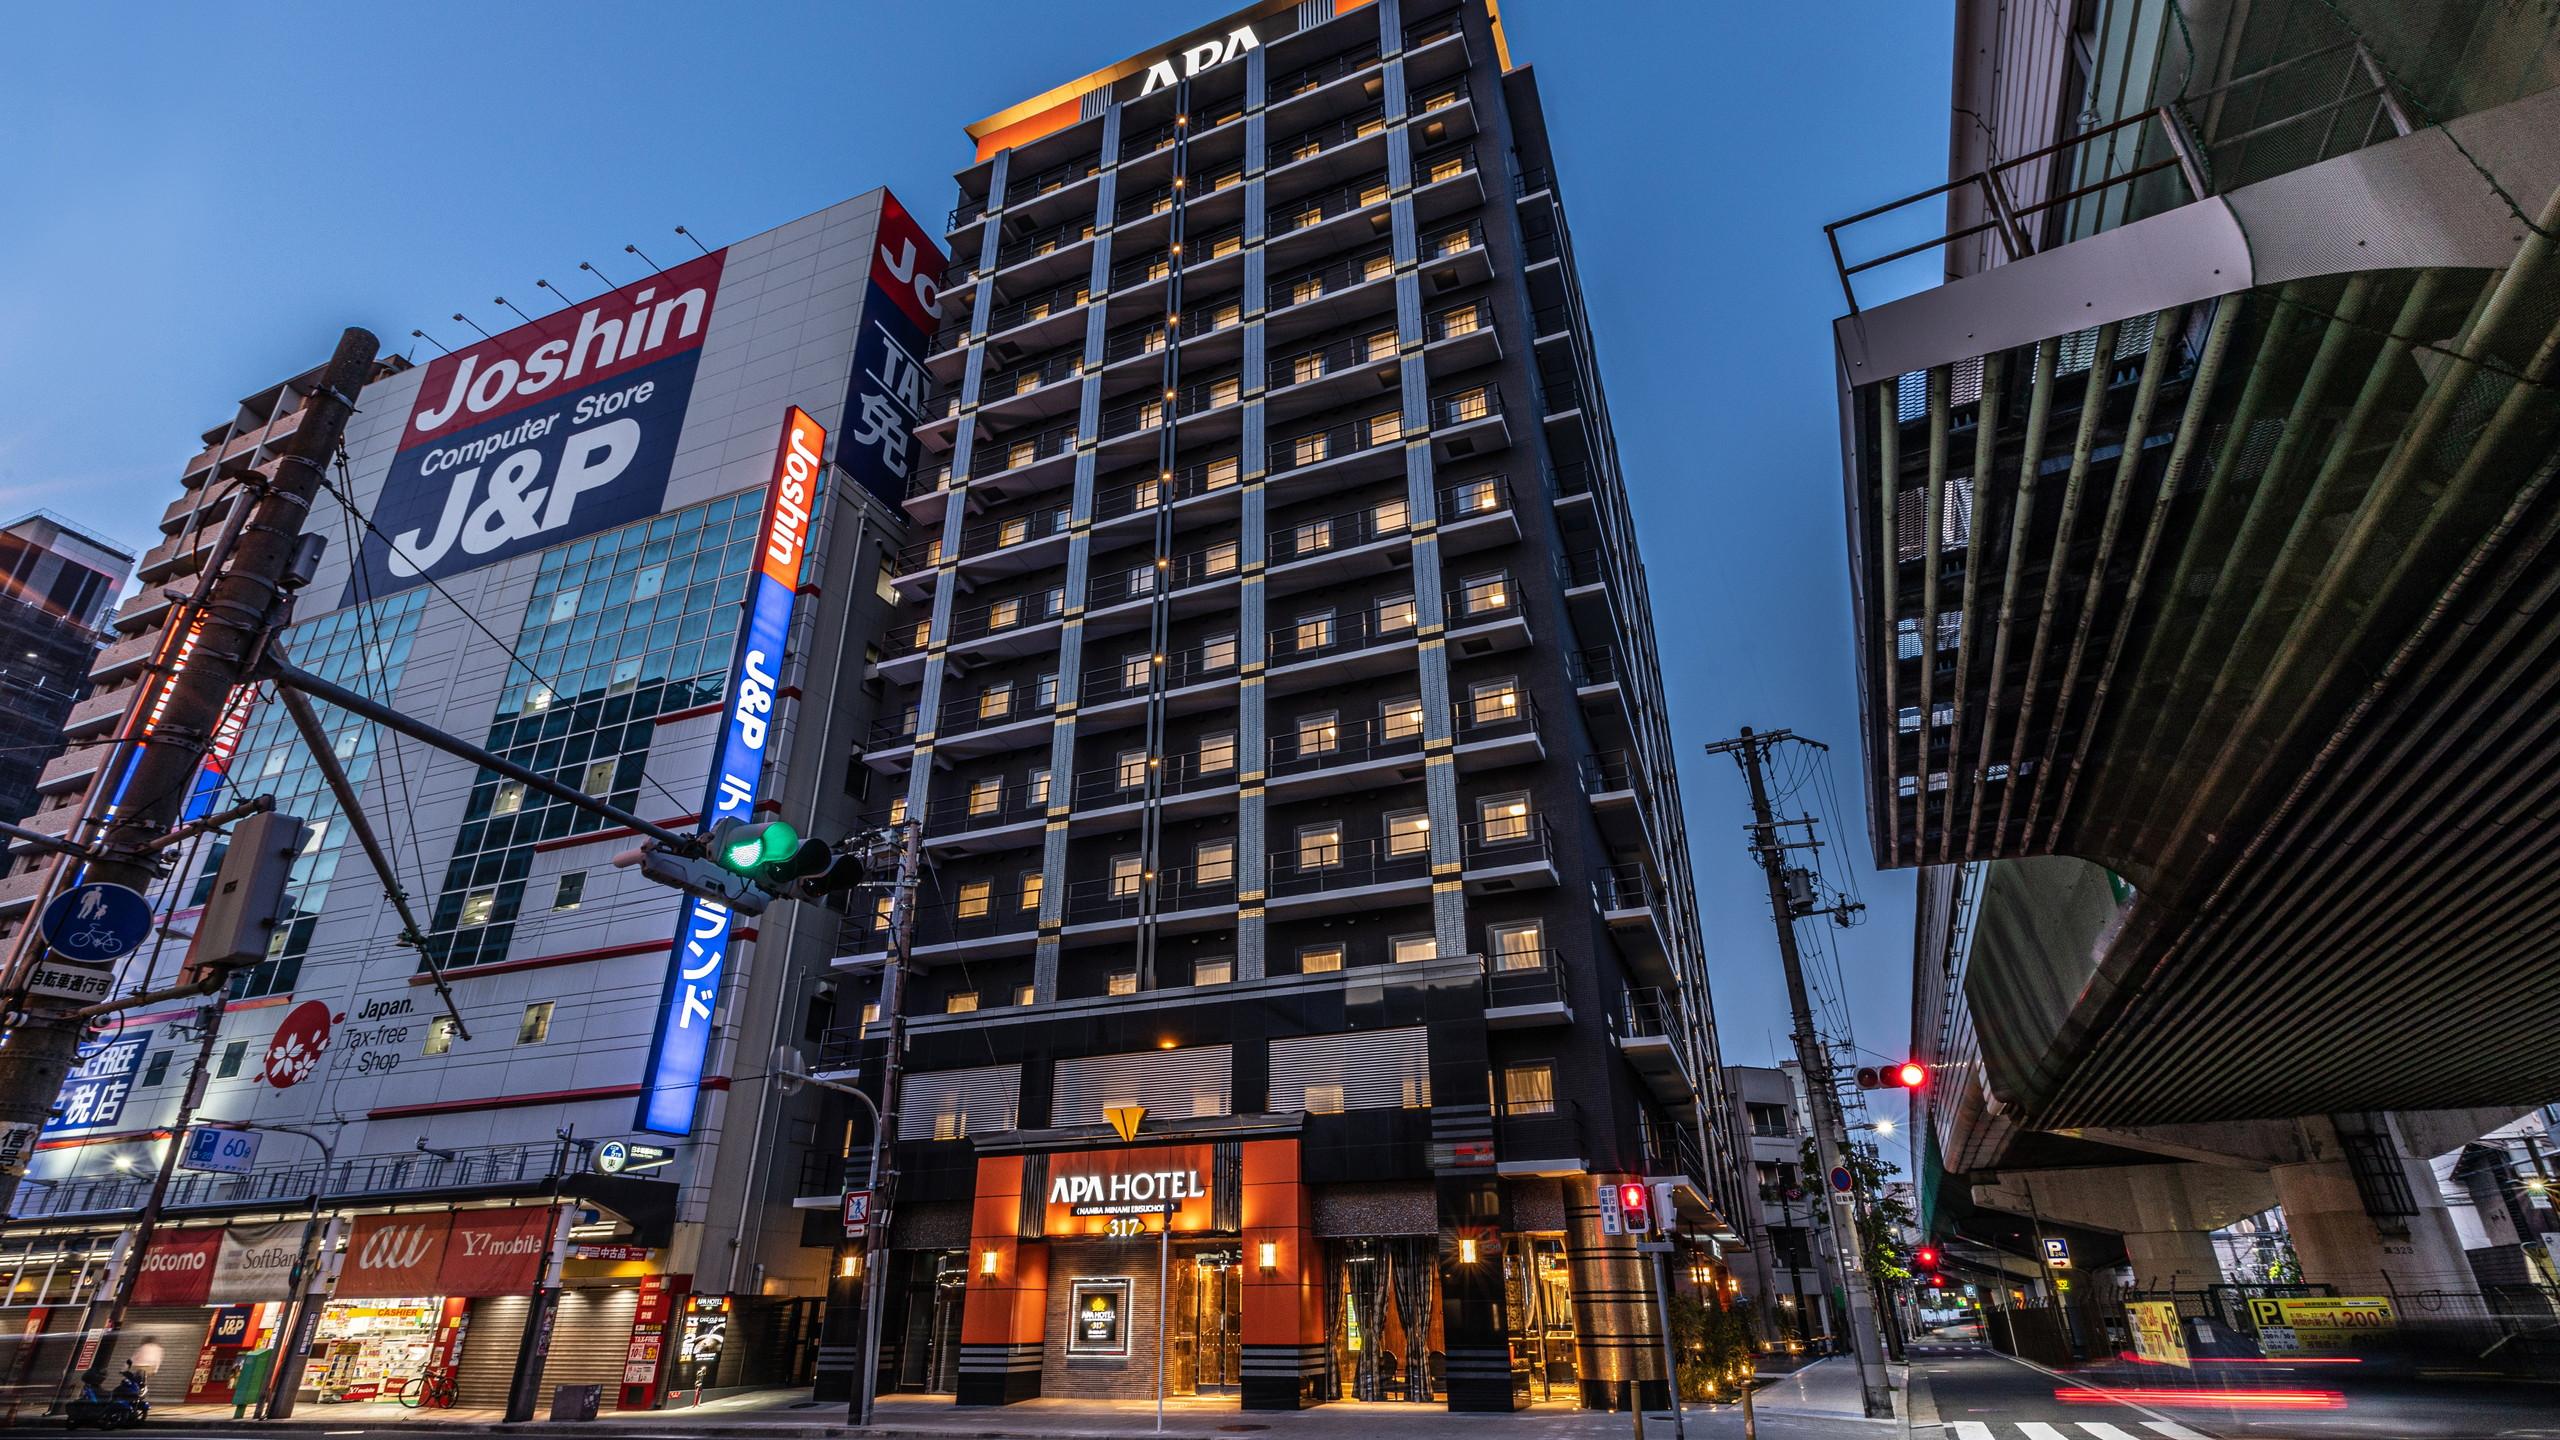 アパホテル<なんば南 恵美須町駅>(全室禁煙)2020年4月28日開業 外観写真